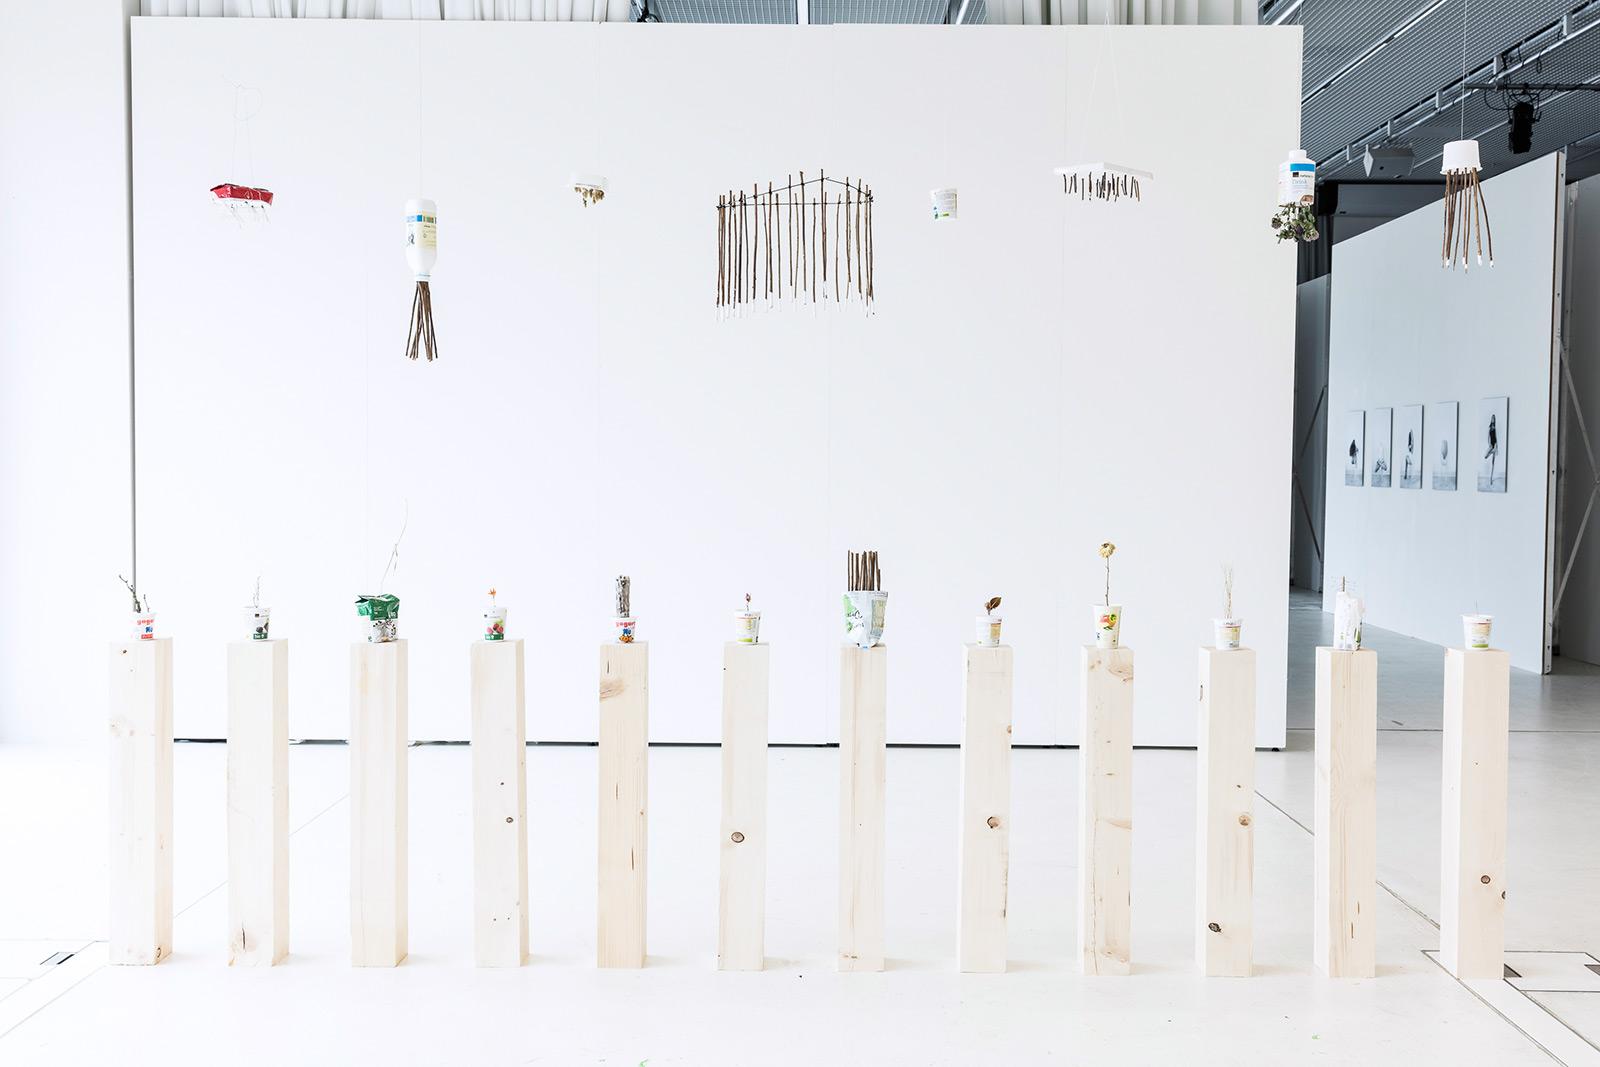 Lara Bachmann «Gleich aber anders» | LGK Lehrberufe für Gestaltung und Kunst, Diplom 2016